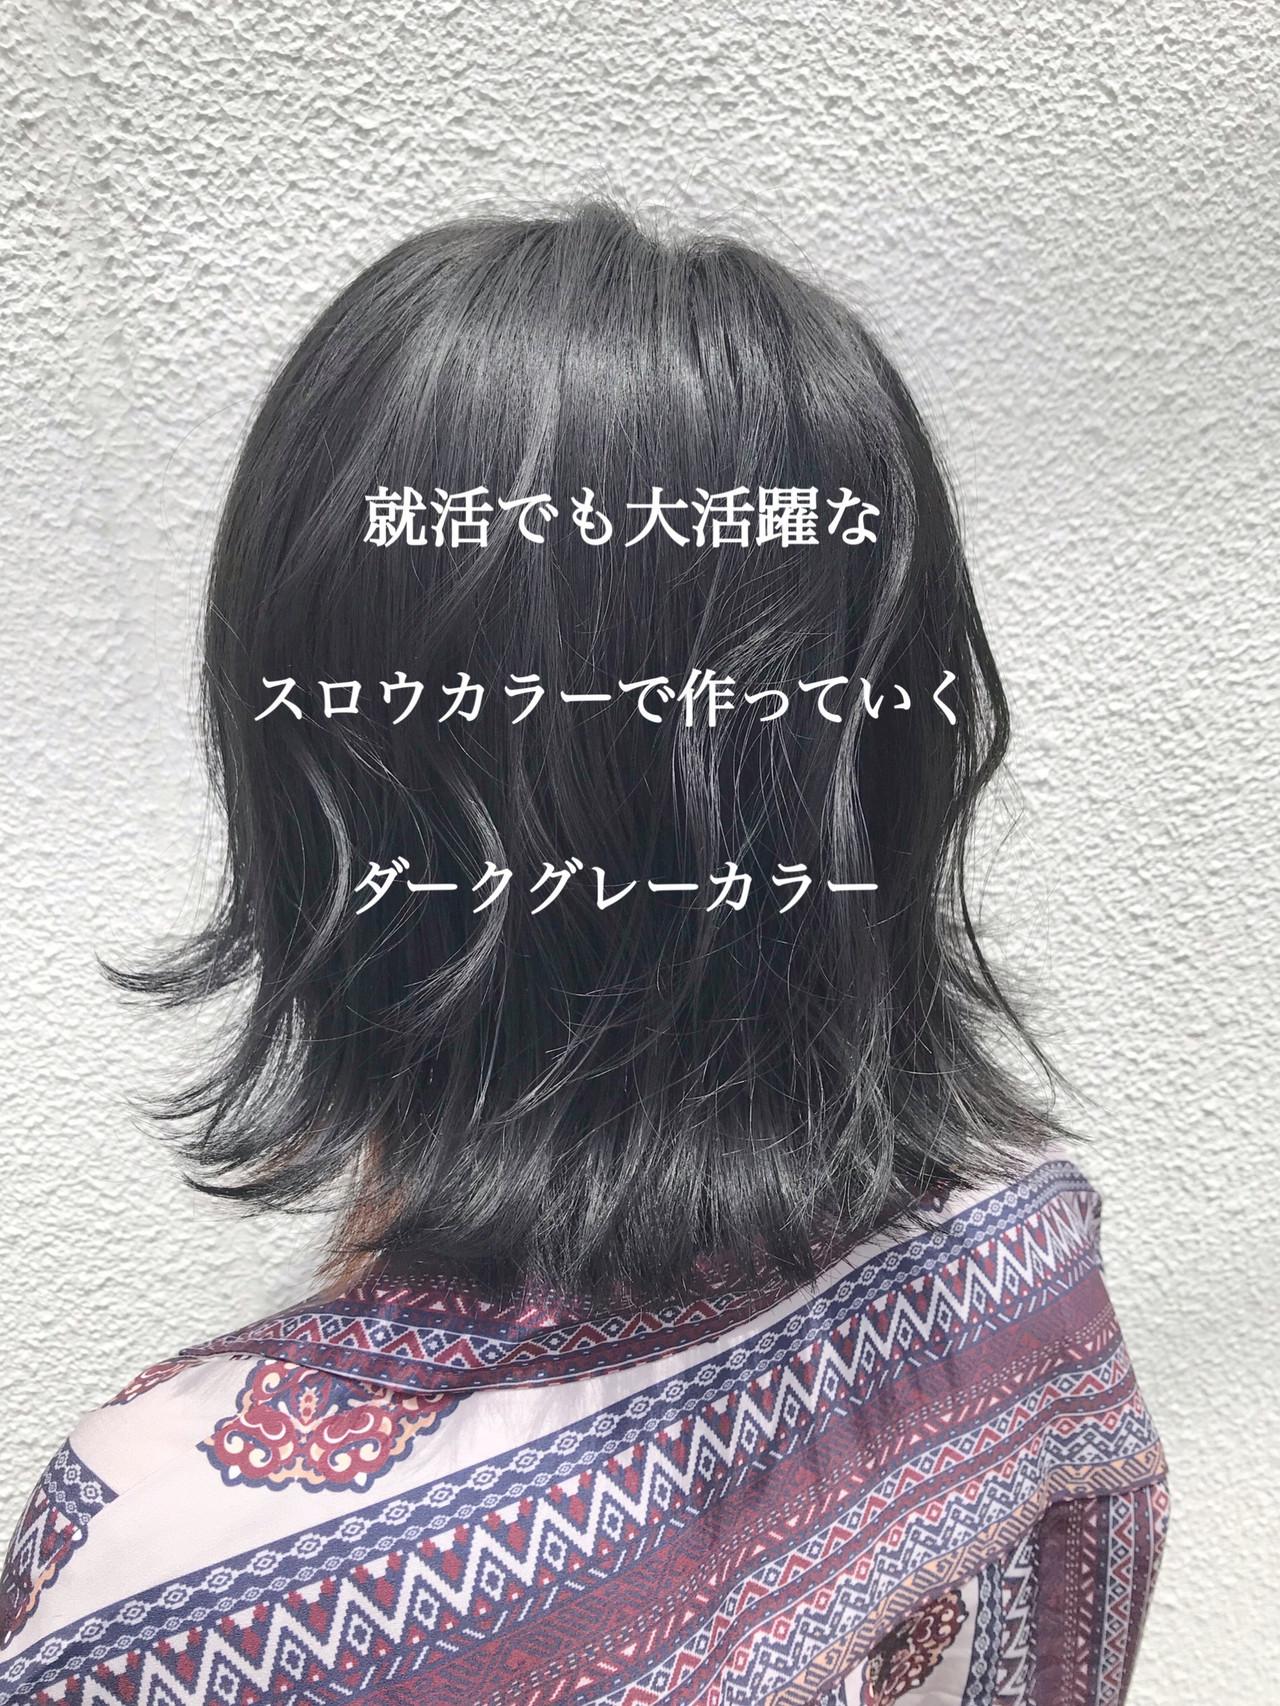 ブルージュ 暗色カラー 切りっぱなしボブ ナチュラル ヘアスタイルや髪型の写真・画像